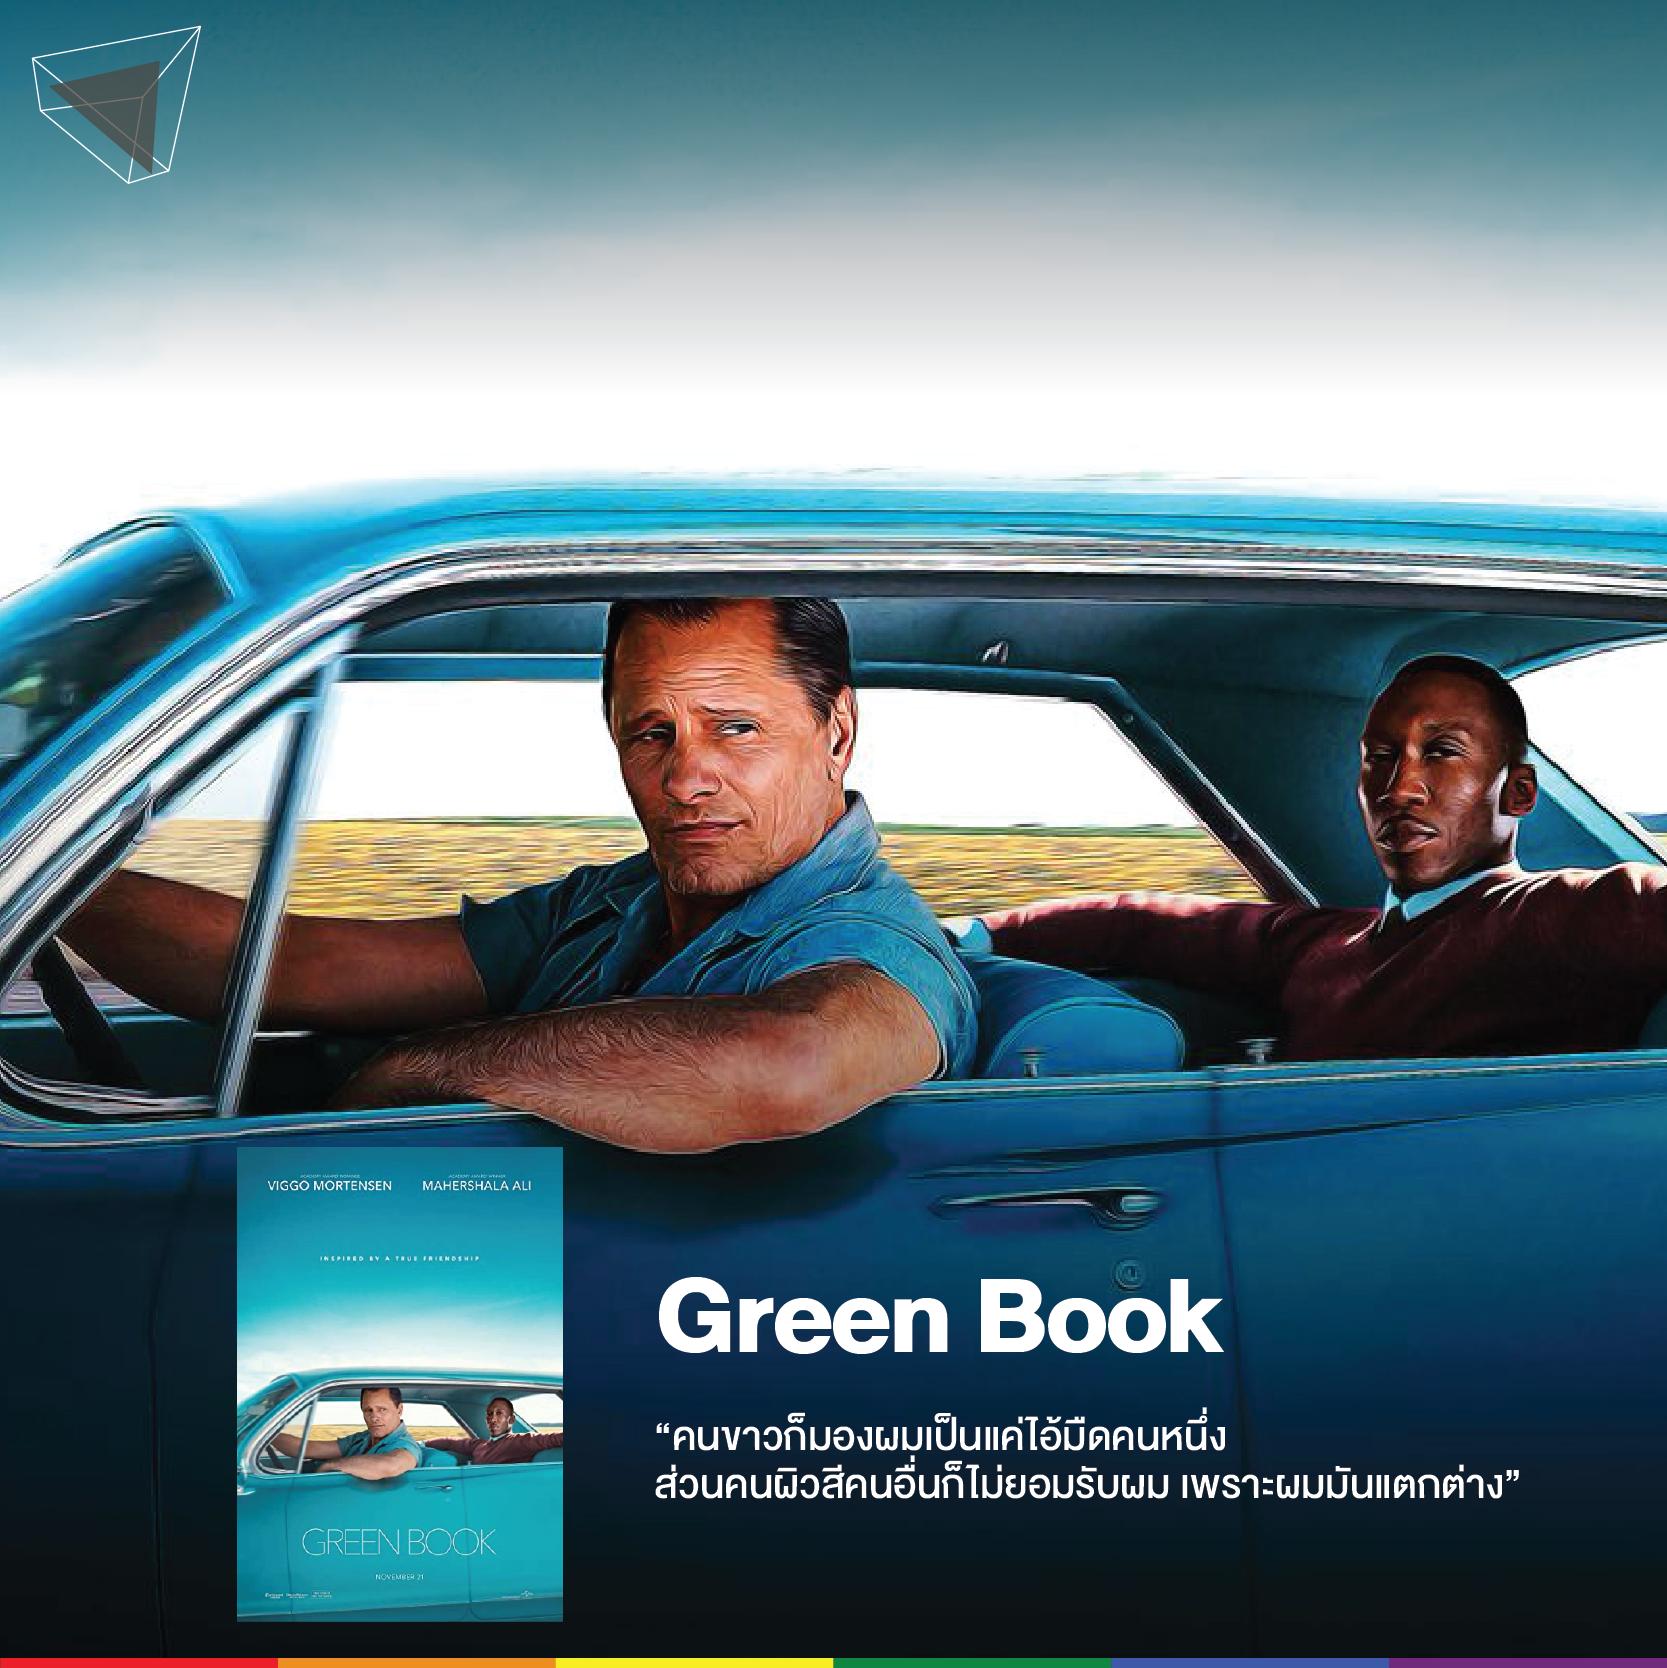 Green Book (2018) หนังเกย์ที่คว้า 3 รางวัลออสการ์ ในสาขาภาพยนตร์ยอดเยี่ยม